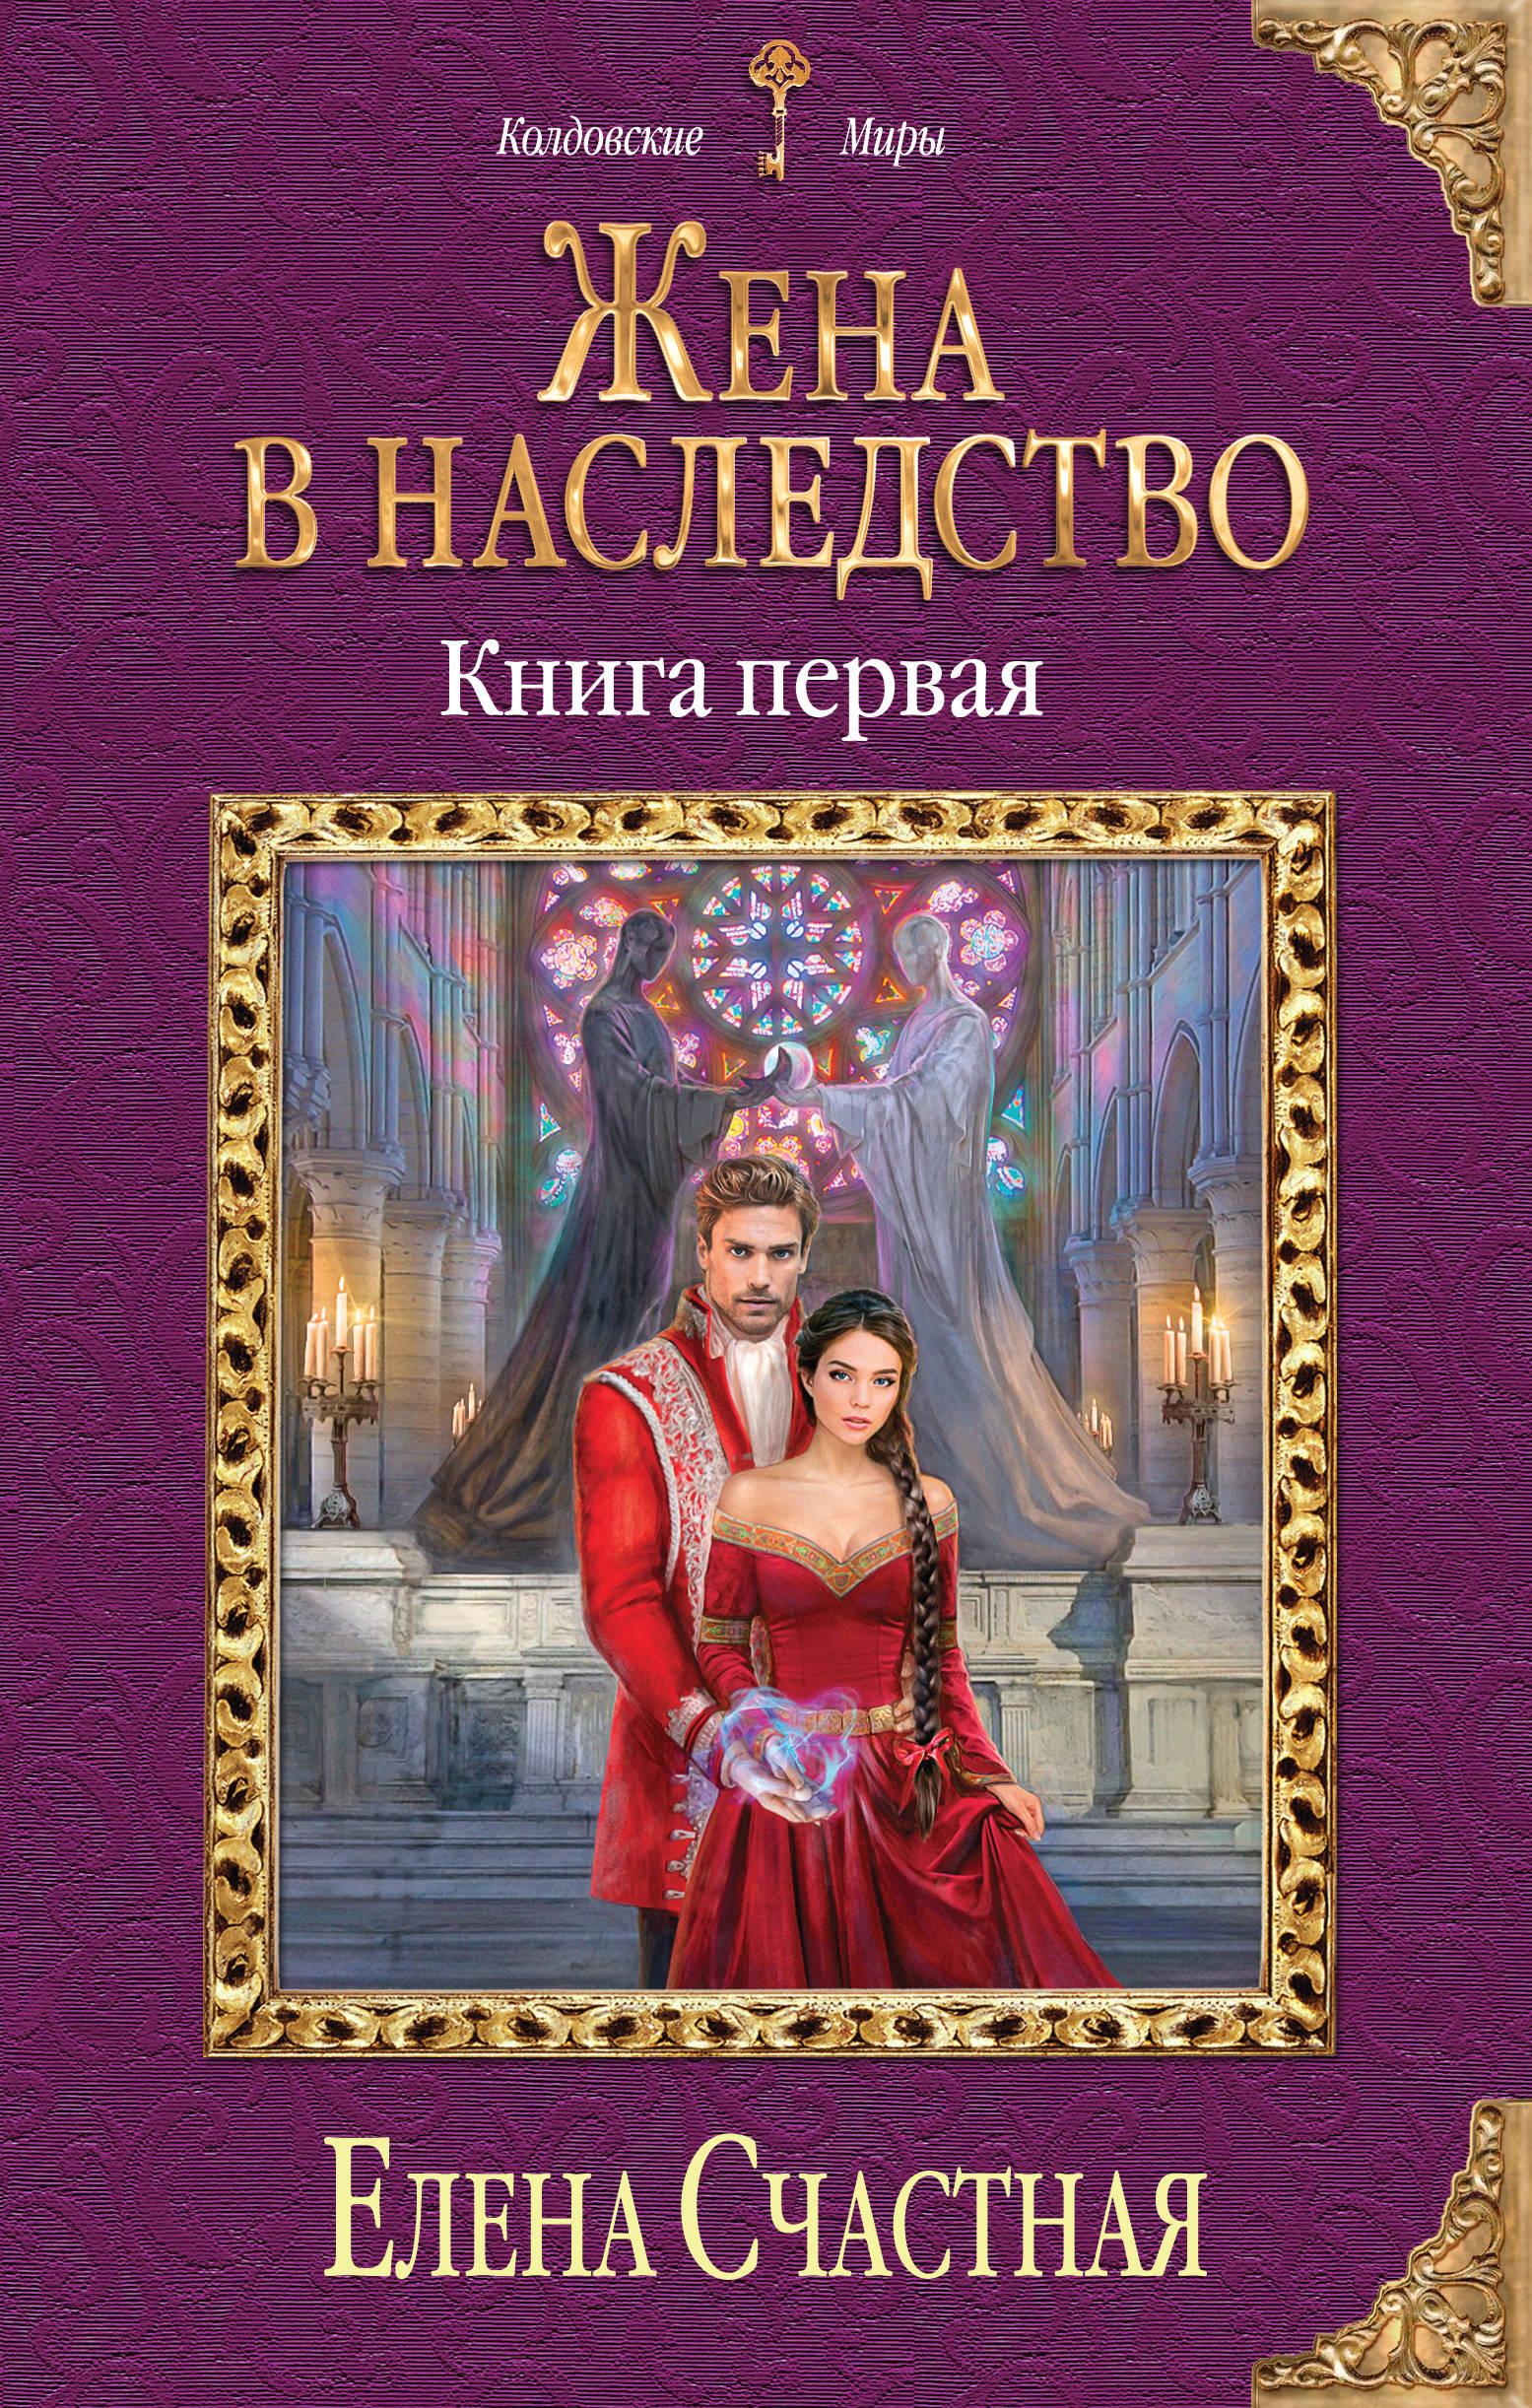 Елена Счастная Жена в наследство. Книга первая